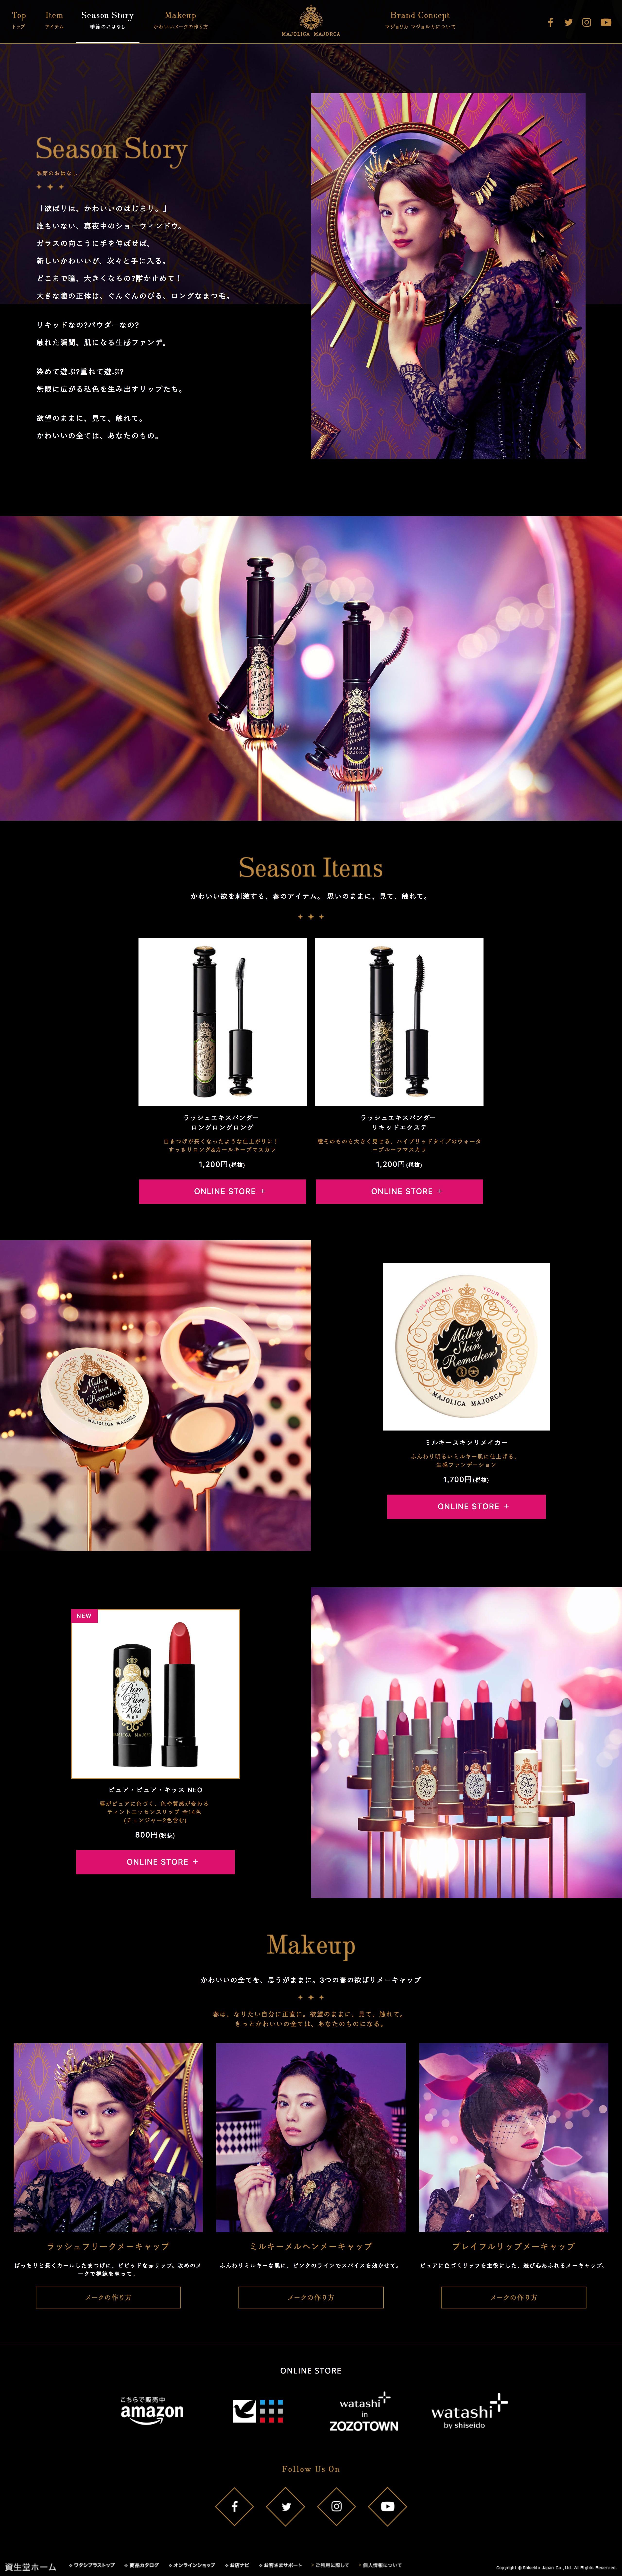 screencapture-shiseido-co-jp-mj-season-2018-04-30-10_08_24